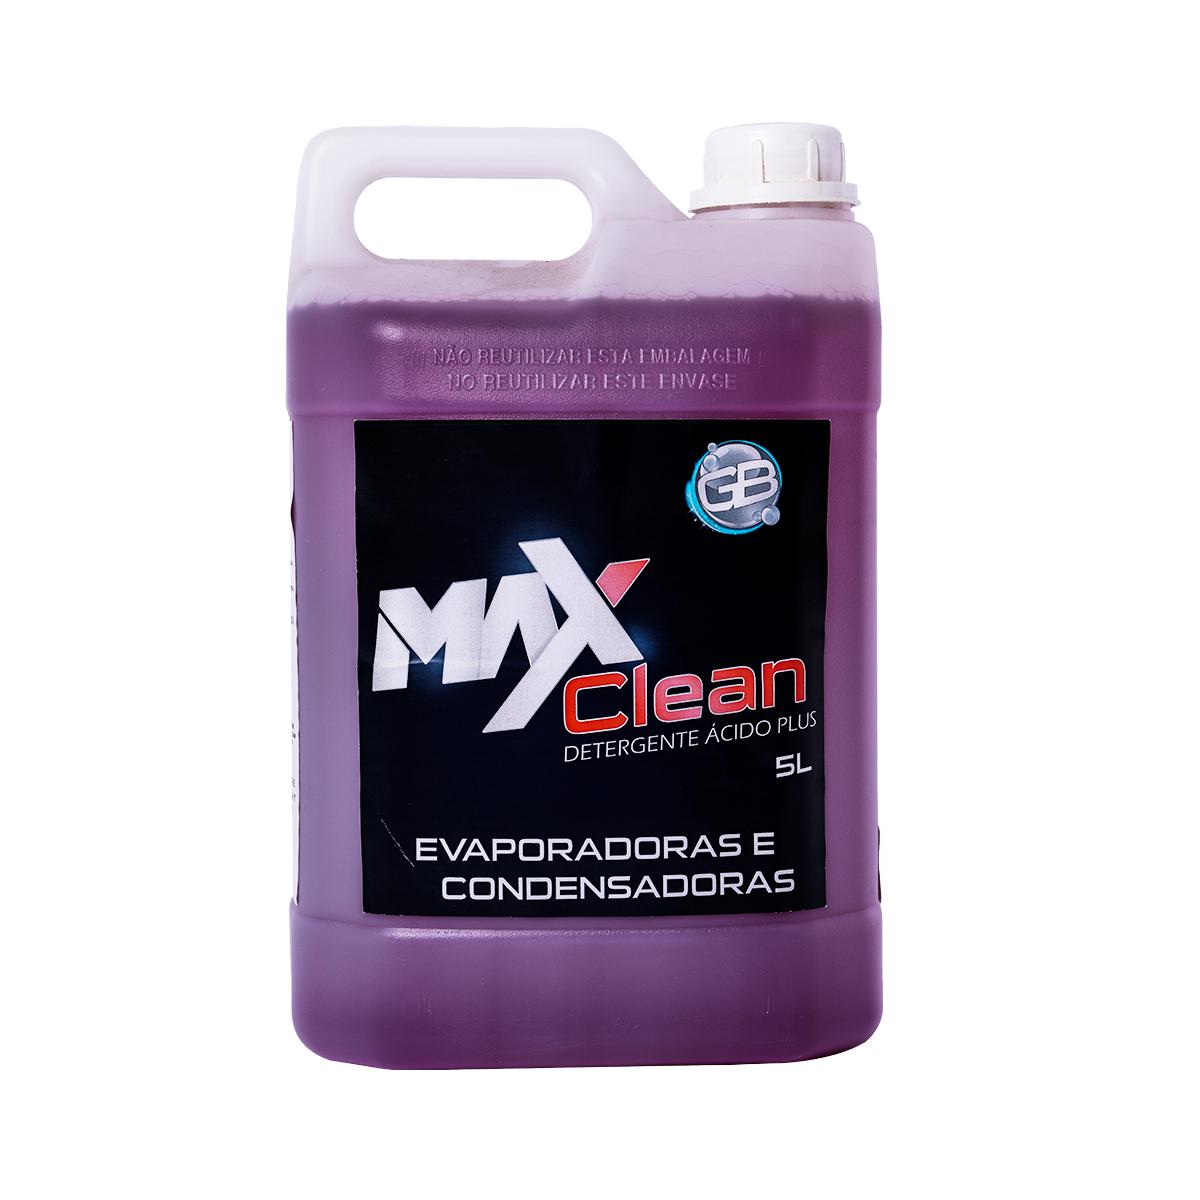 Kit De Limpeza 1 Pulverizador 1,5 Litros + 1 Detergente 5 Litros